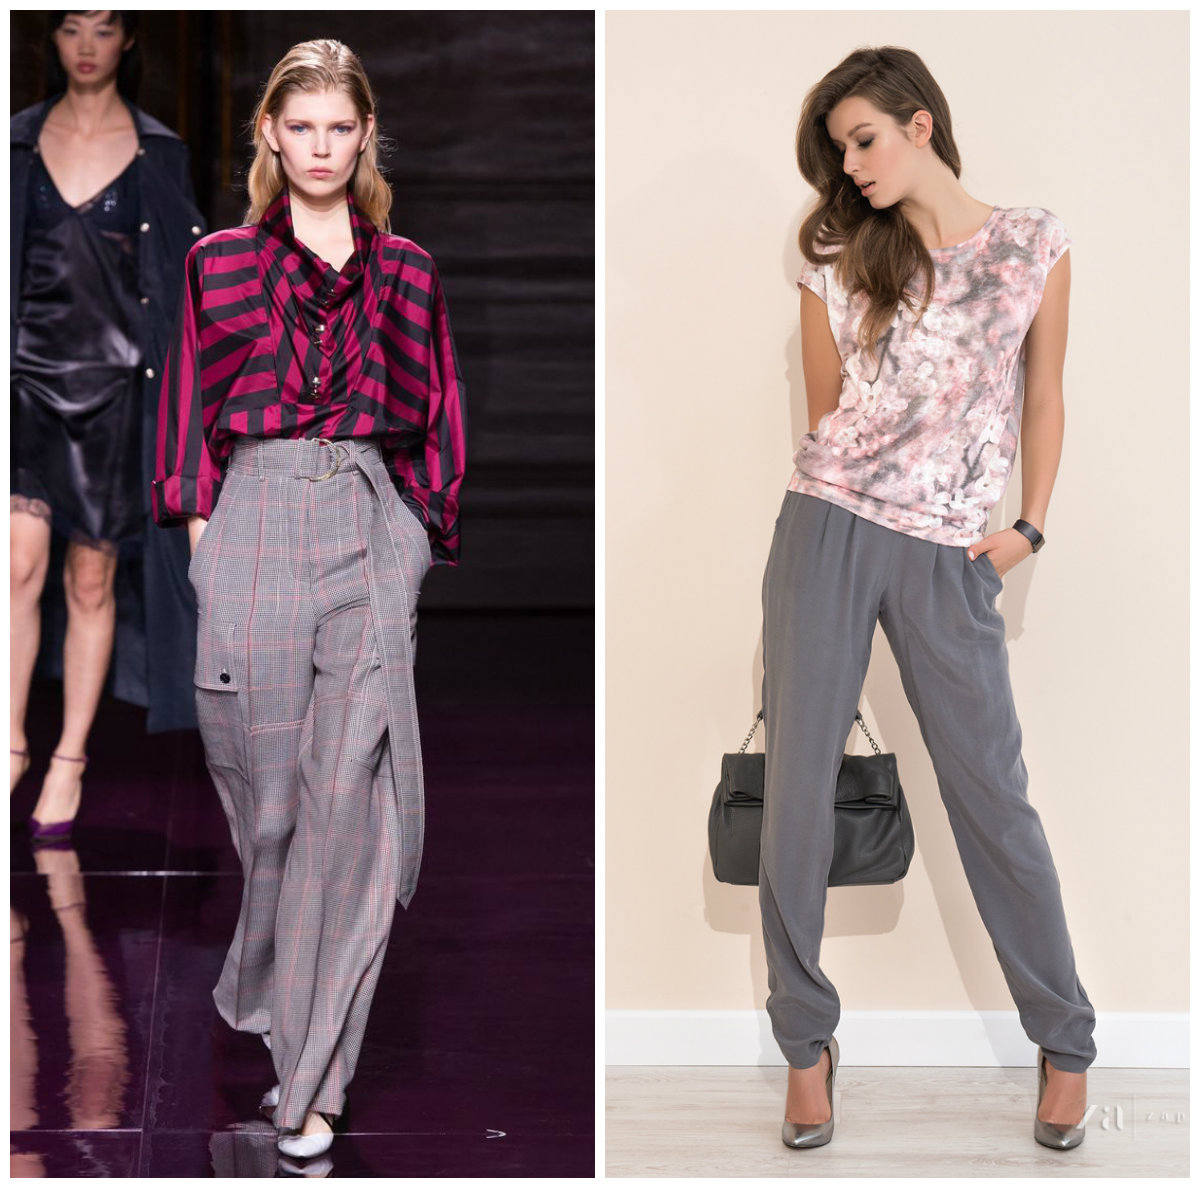 Брюки-женские-2017-года-модные-тенденции-фото-брюки женские 2017 года. Обзор